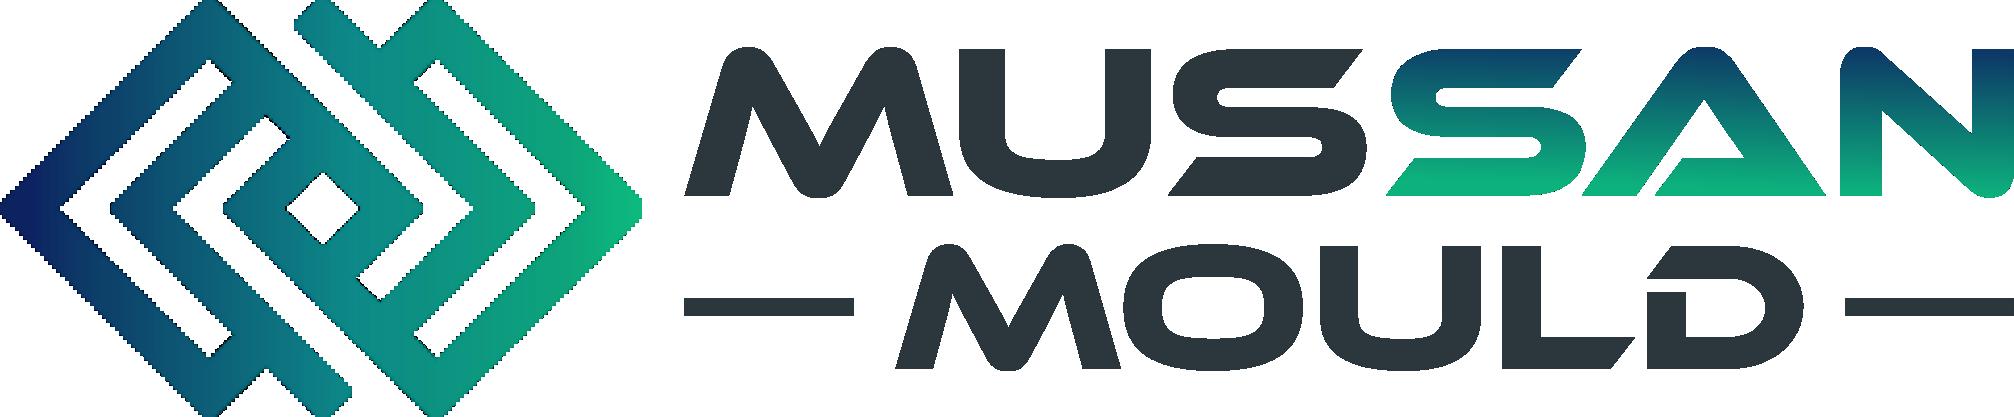 Mussan Mould – Block paver bordure injection moulds